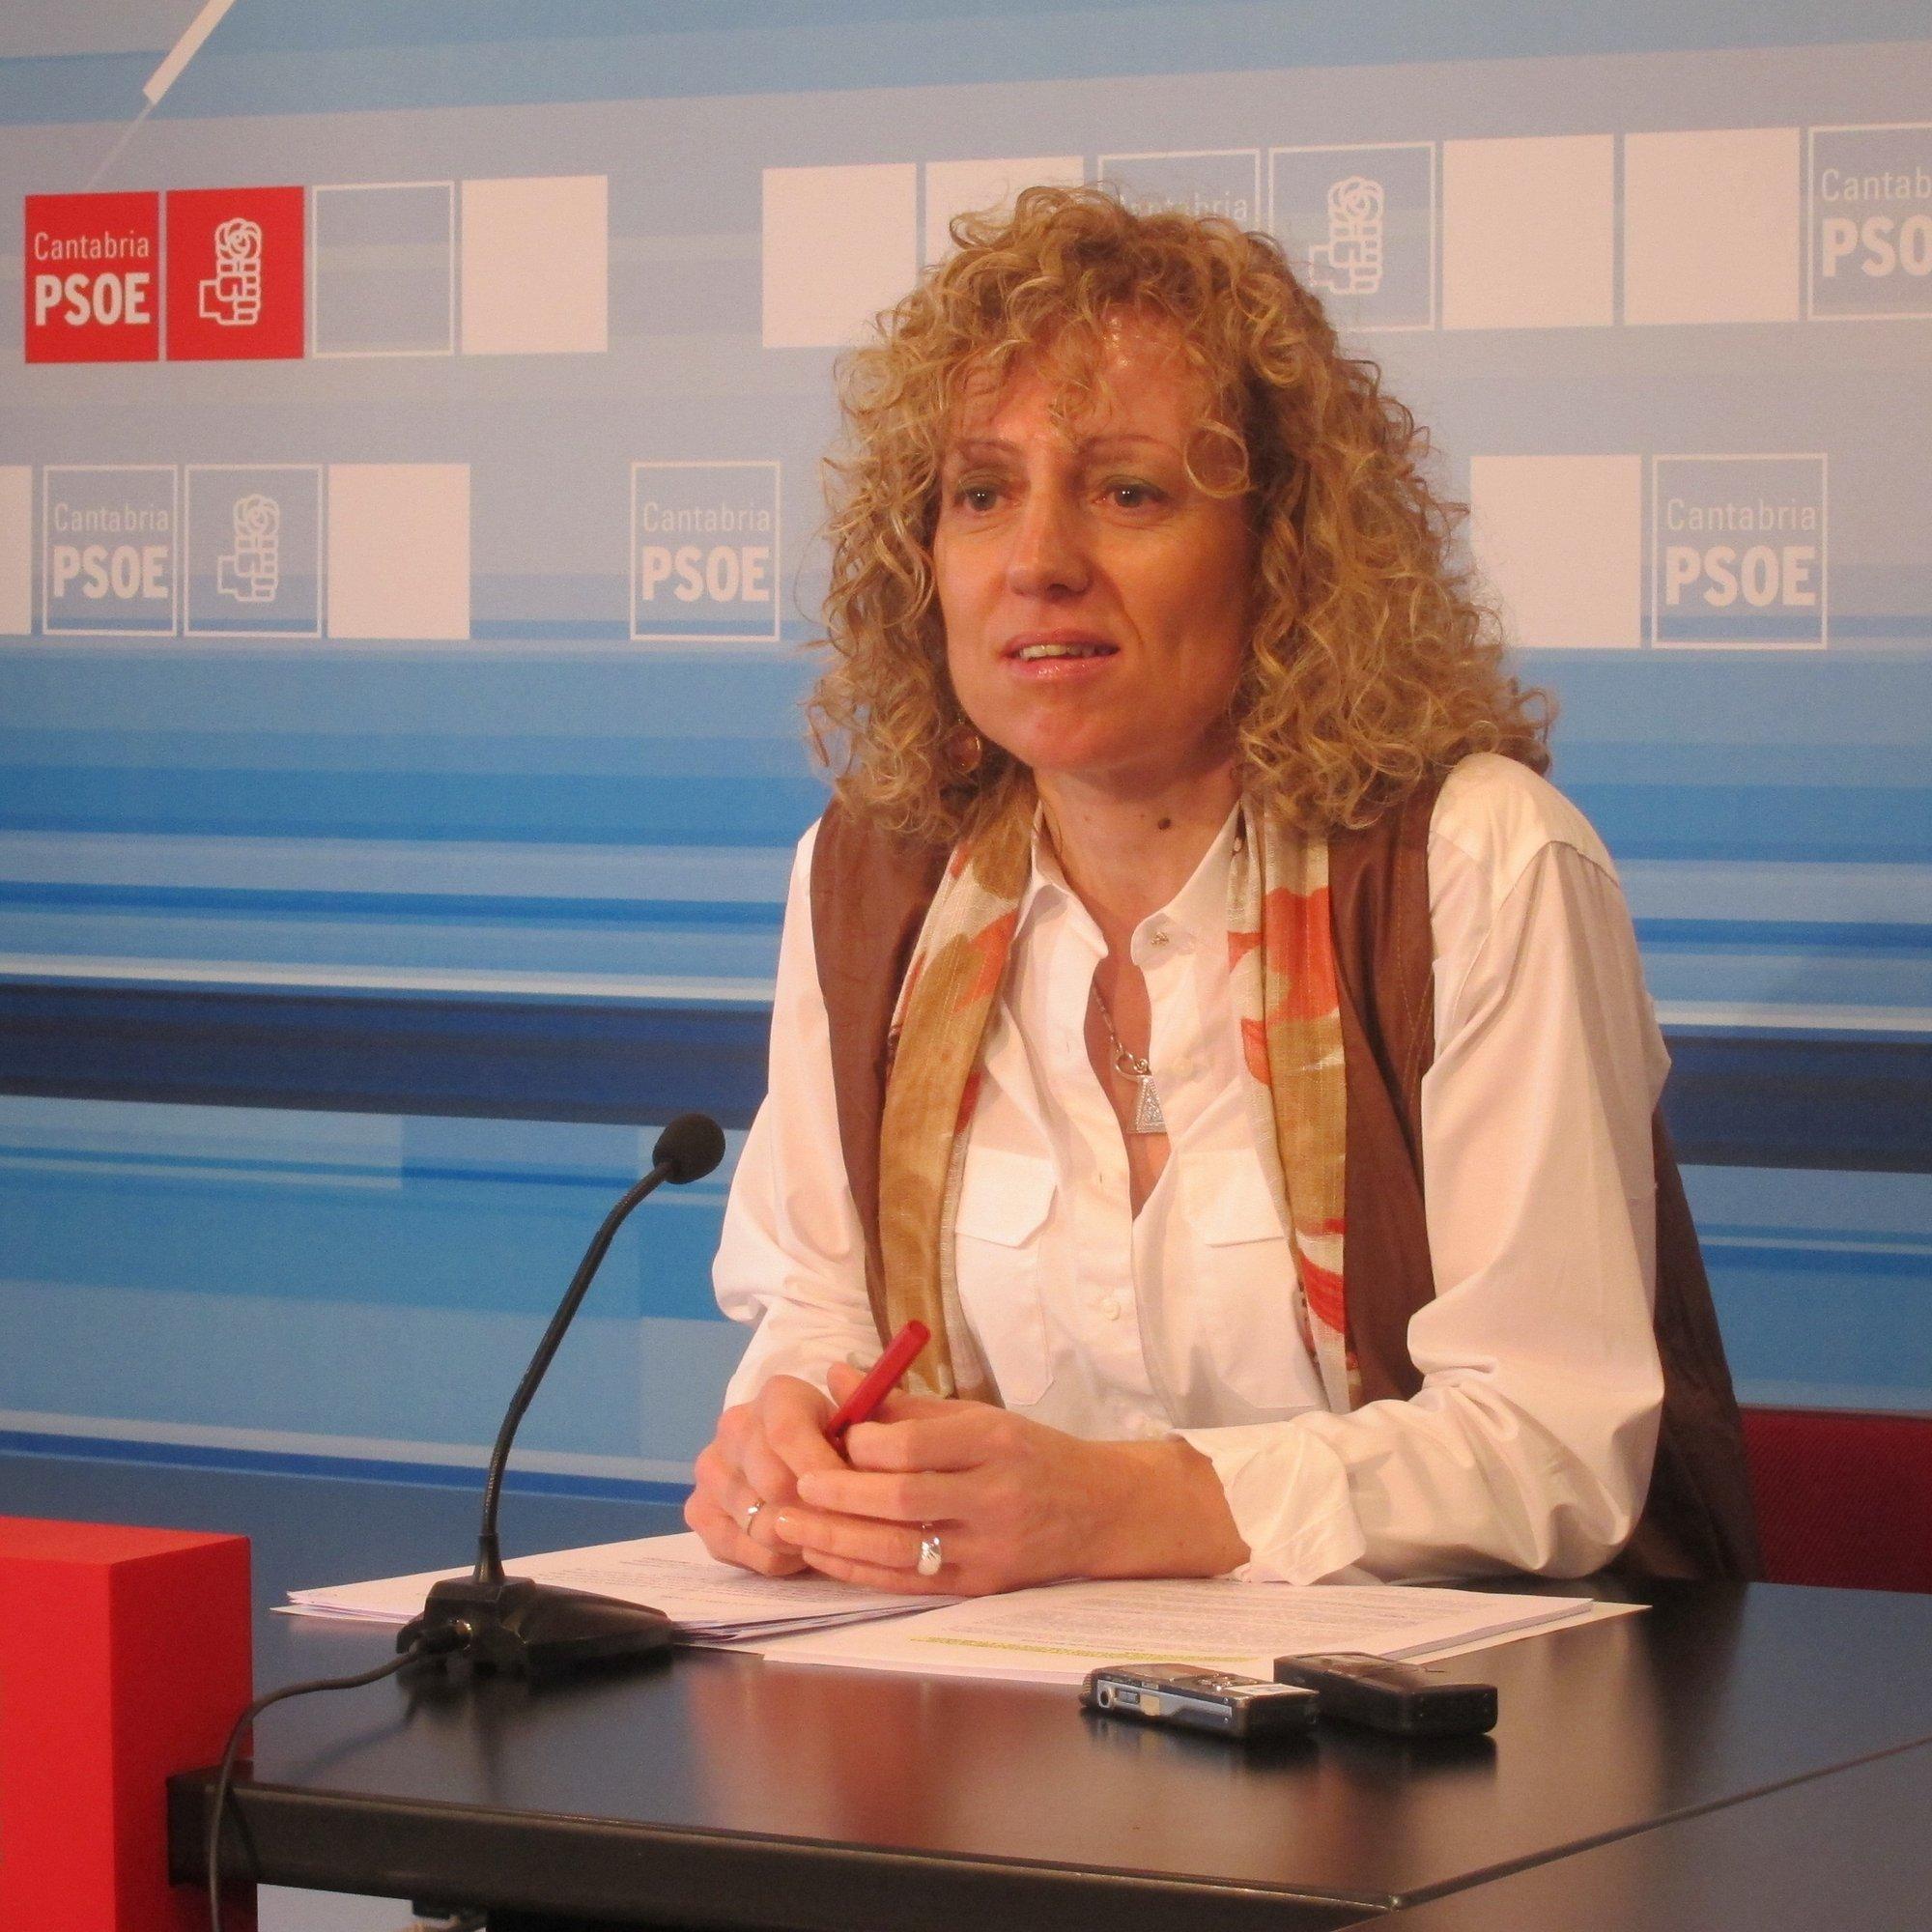 PSOE cree que Diego busca justificar con «mentiras» sobre Andalucía su «tijeretazo» en Cantabria al Estado de Bienestar